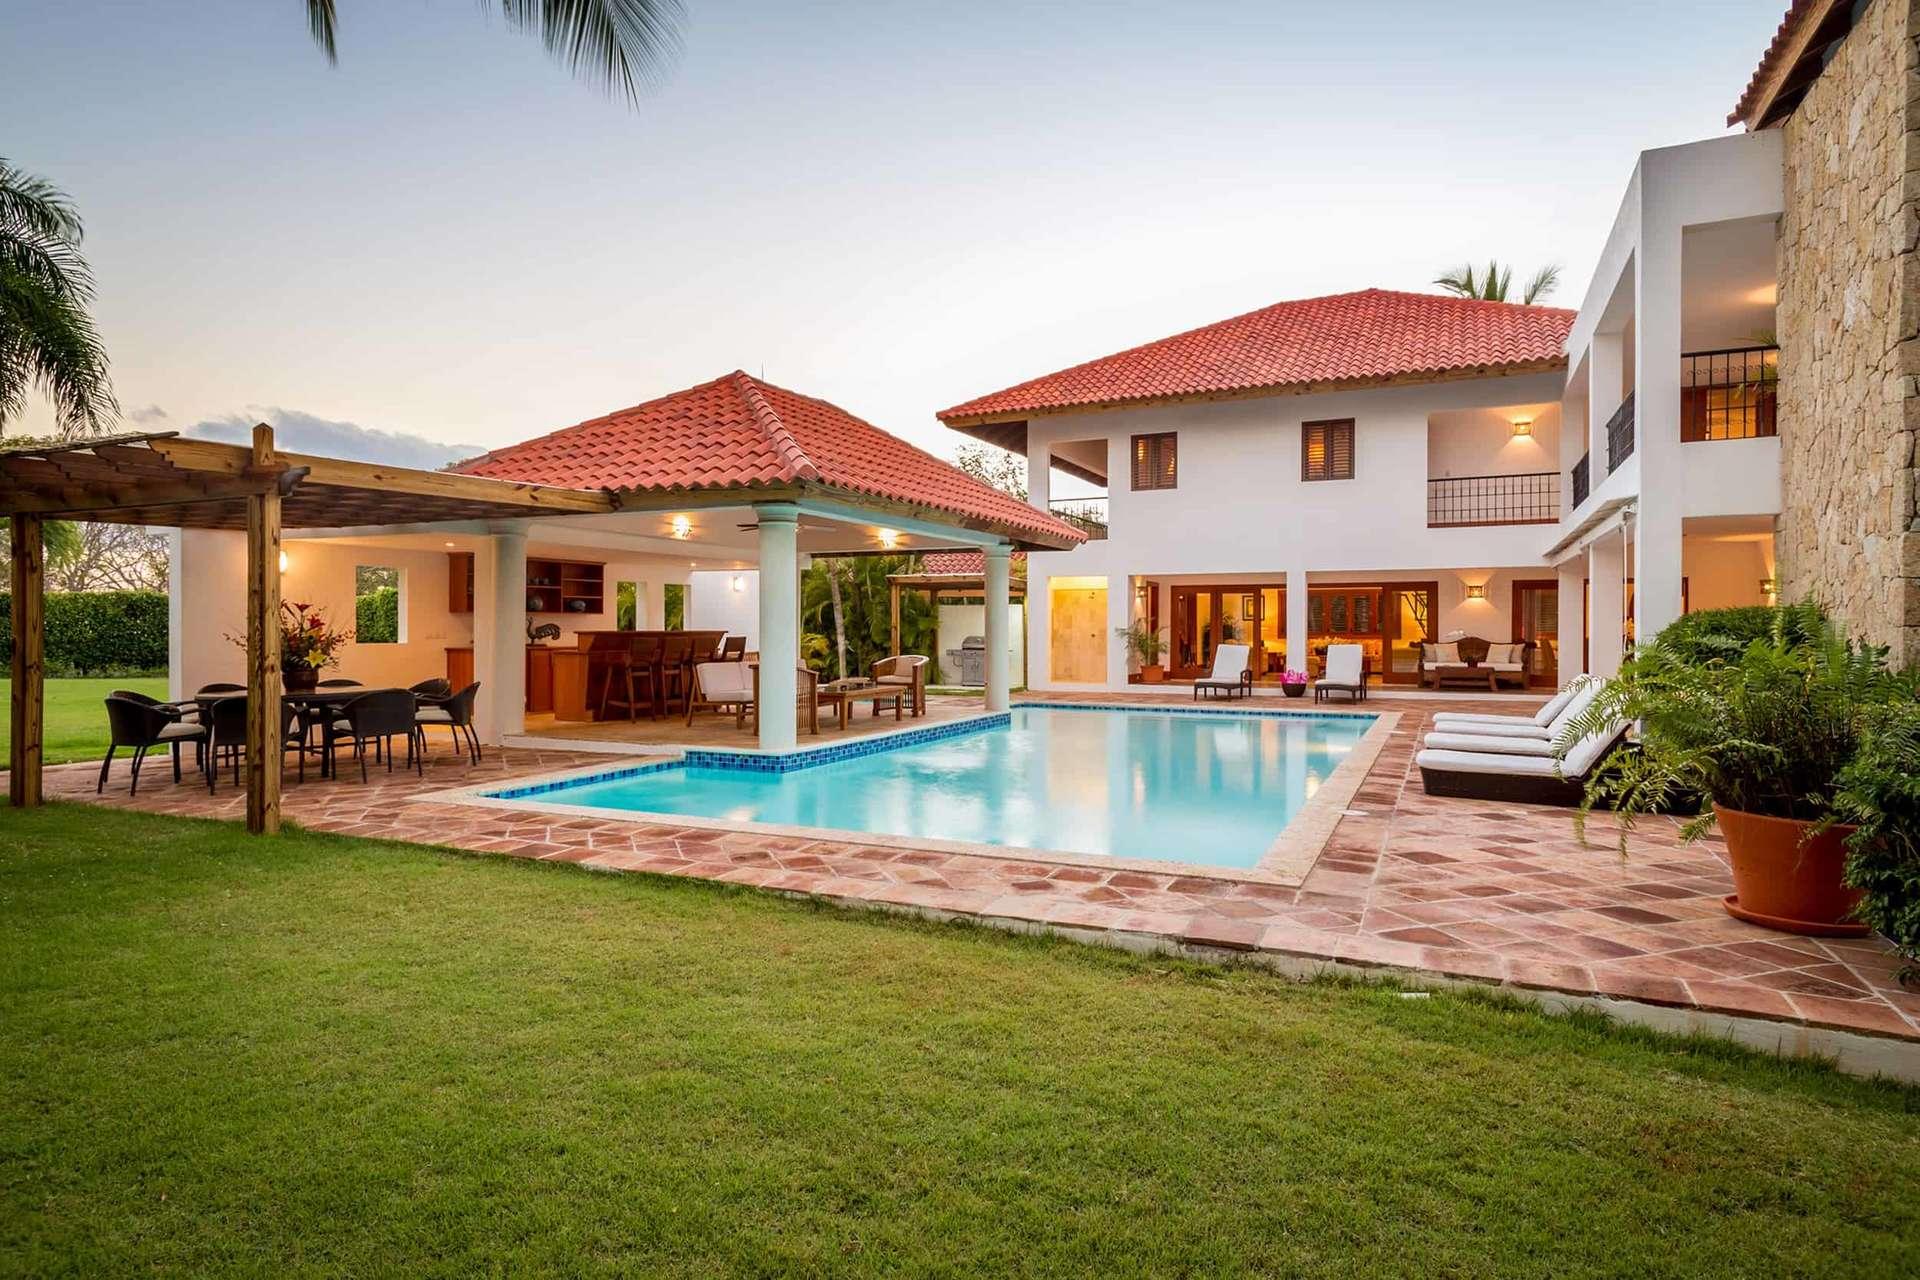 Luxury villa rentals caribbean - Dominican republic - Casa decampo - No location 4 - Barranca 47 - Image 1/23